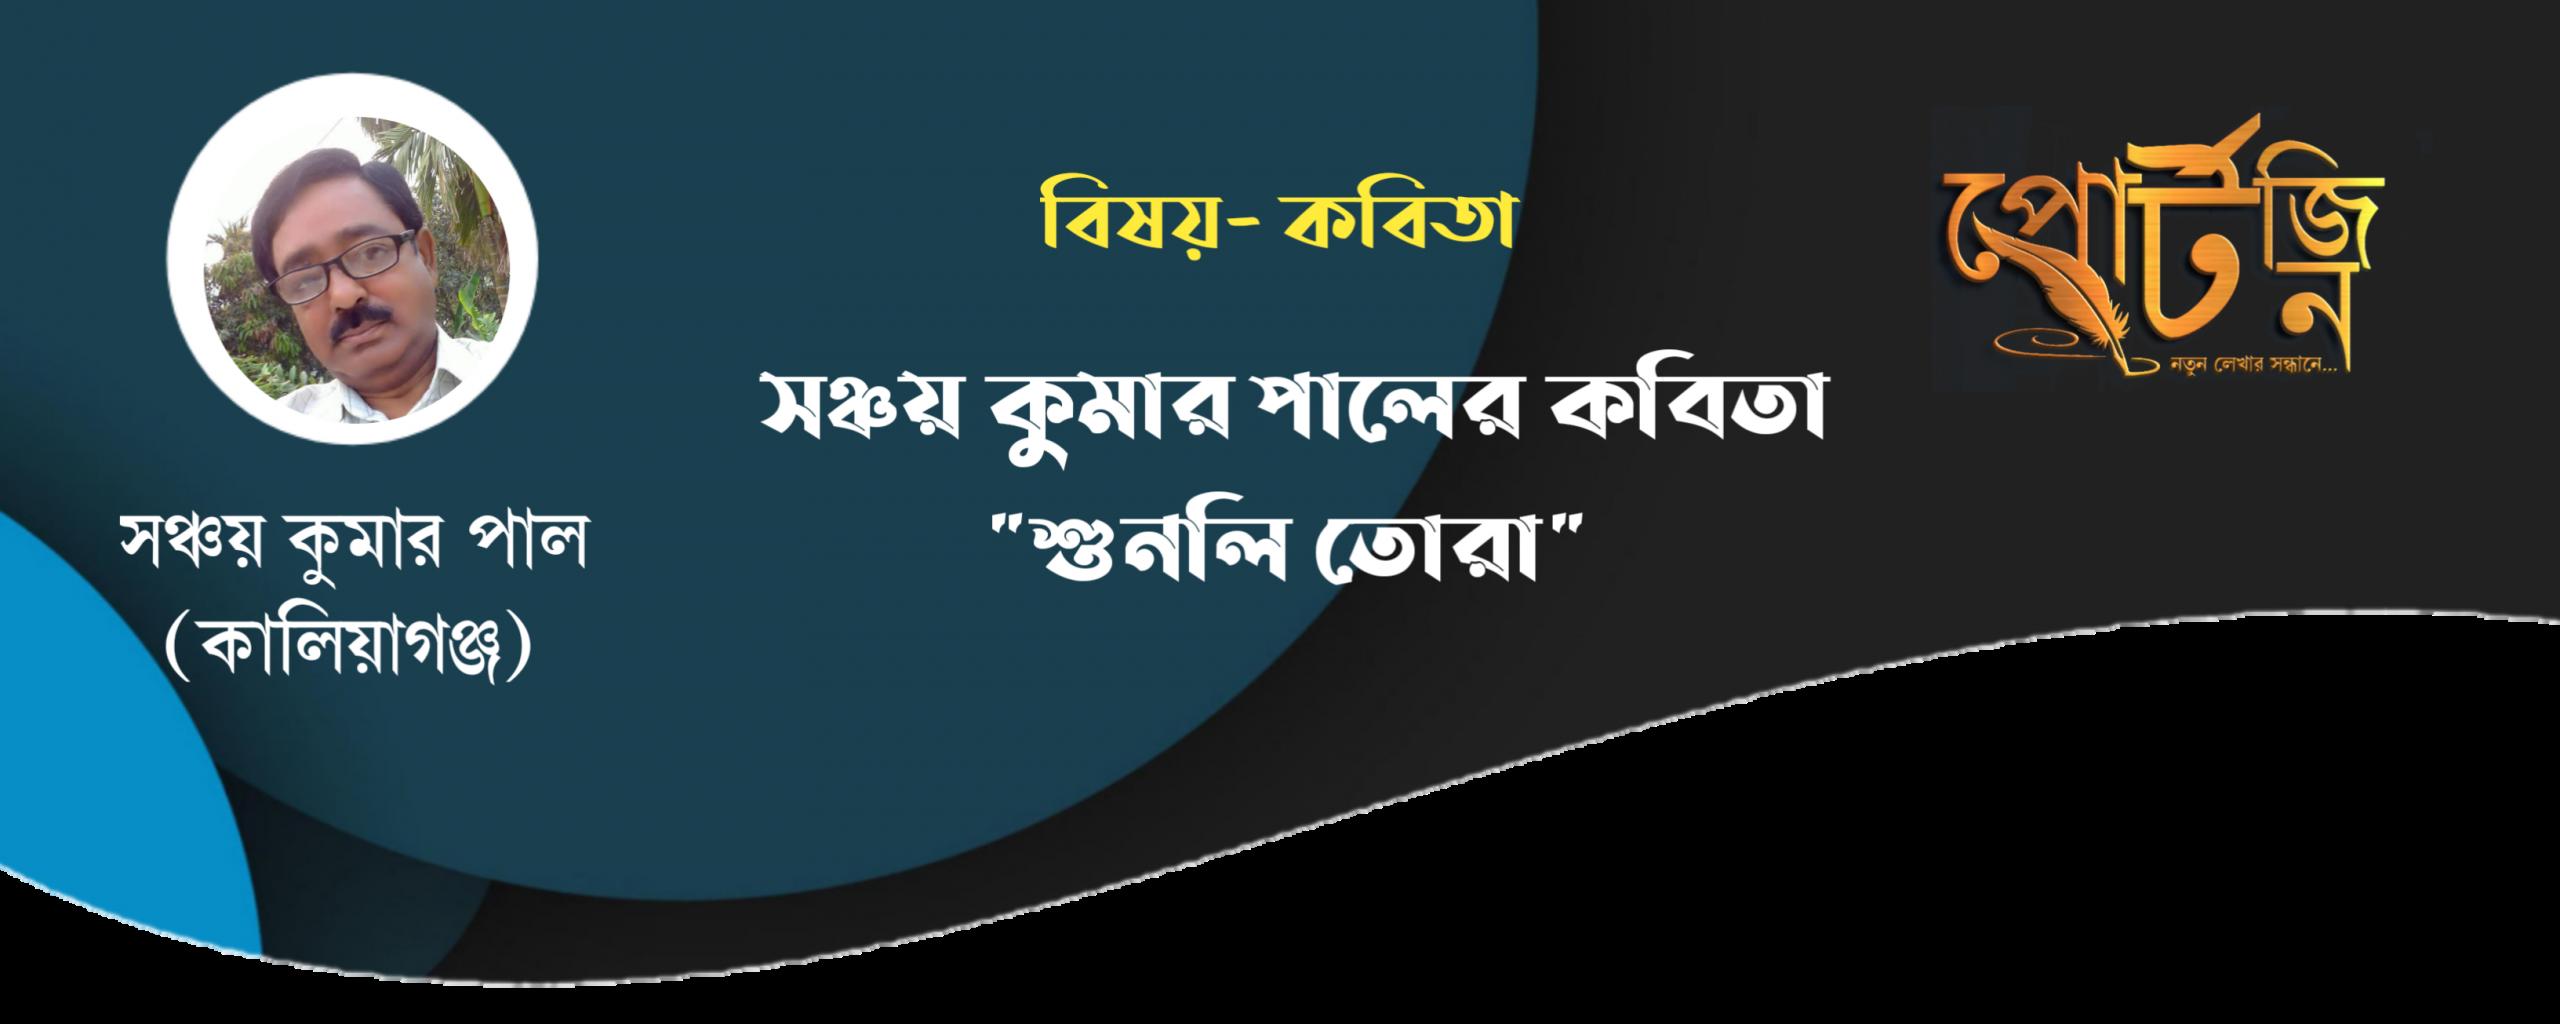 bangla kobita sanchay kumar pal bengal live portzine